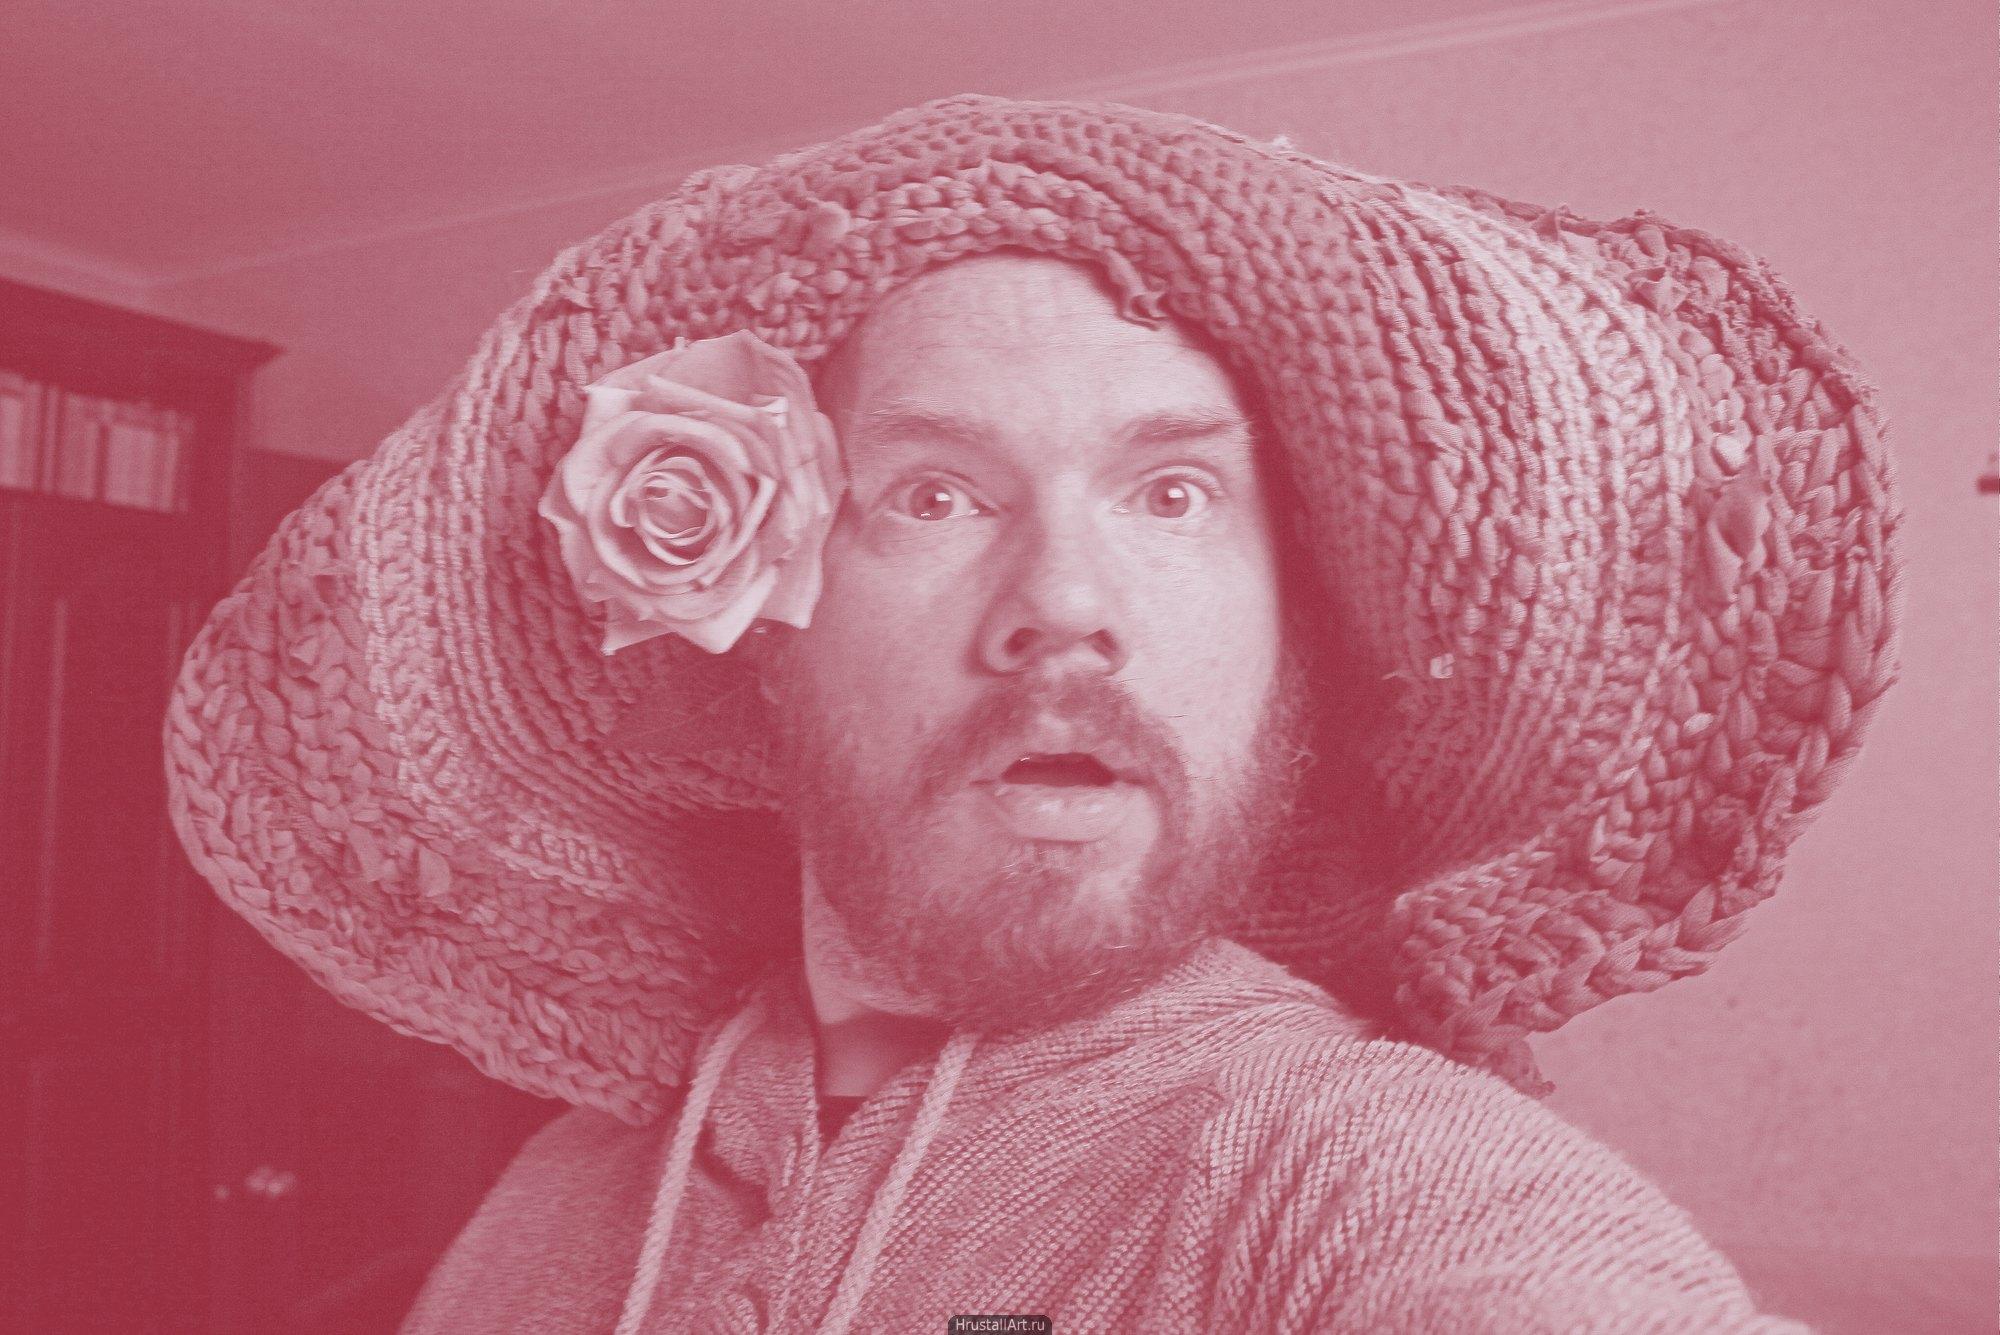 Мужчина с большой нелепой шапкой на голове и розой за ухом. Шапка напоминает вязаный из вторсырья ковер.